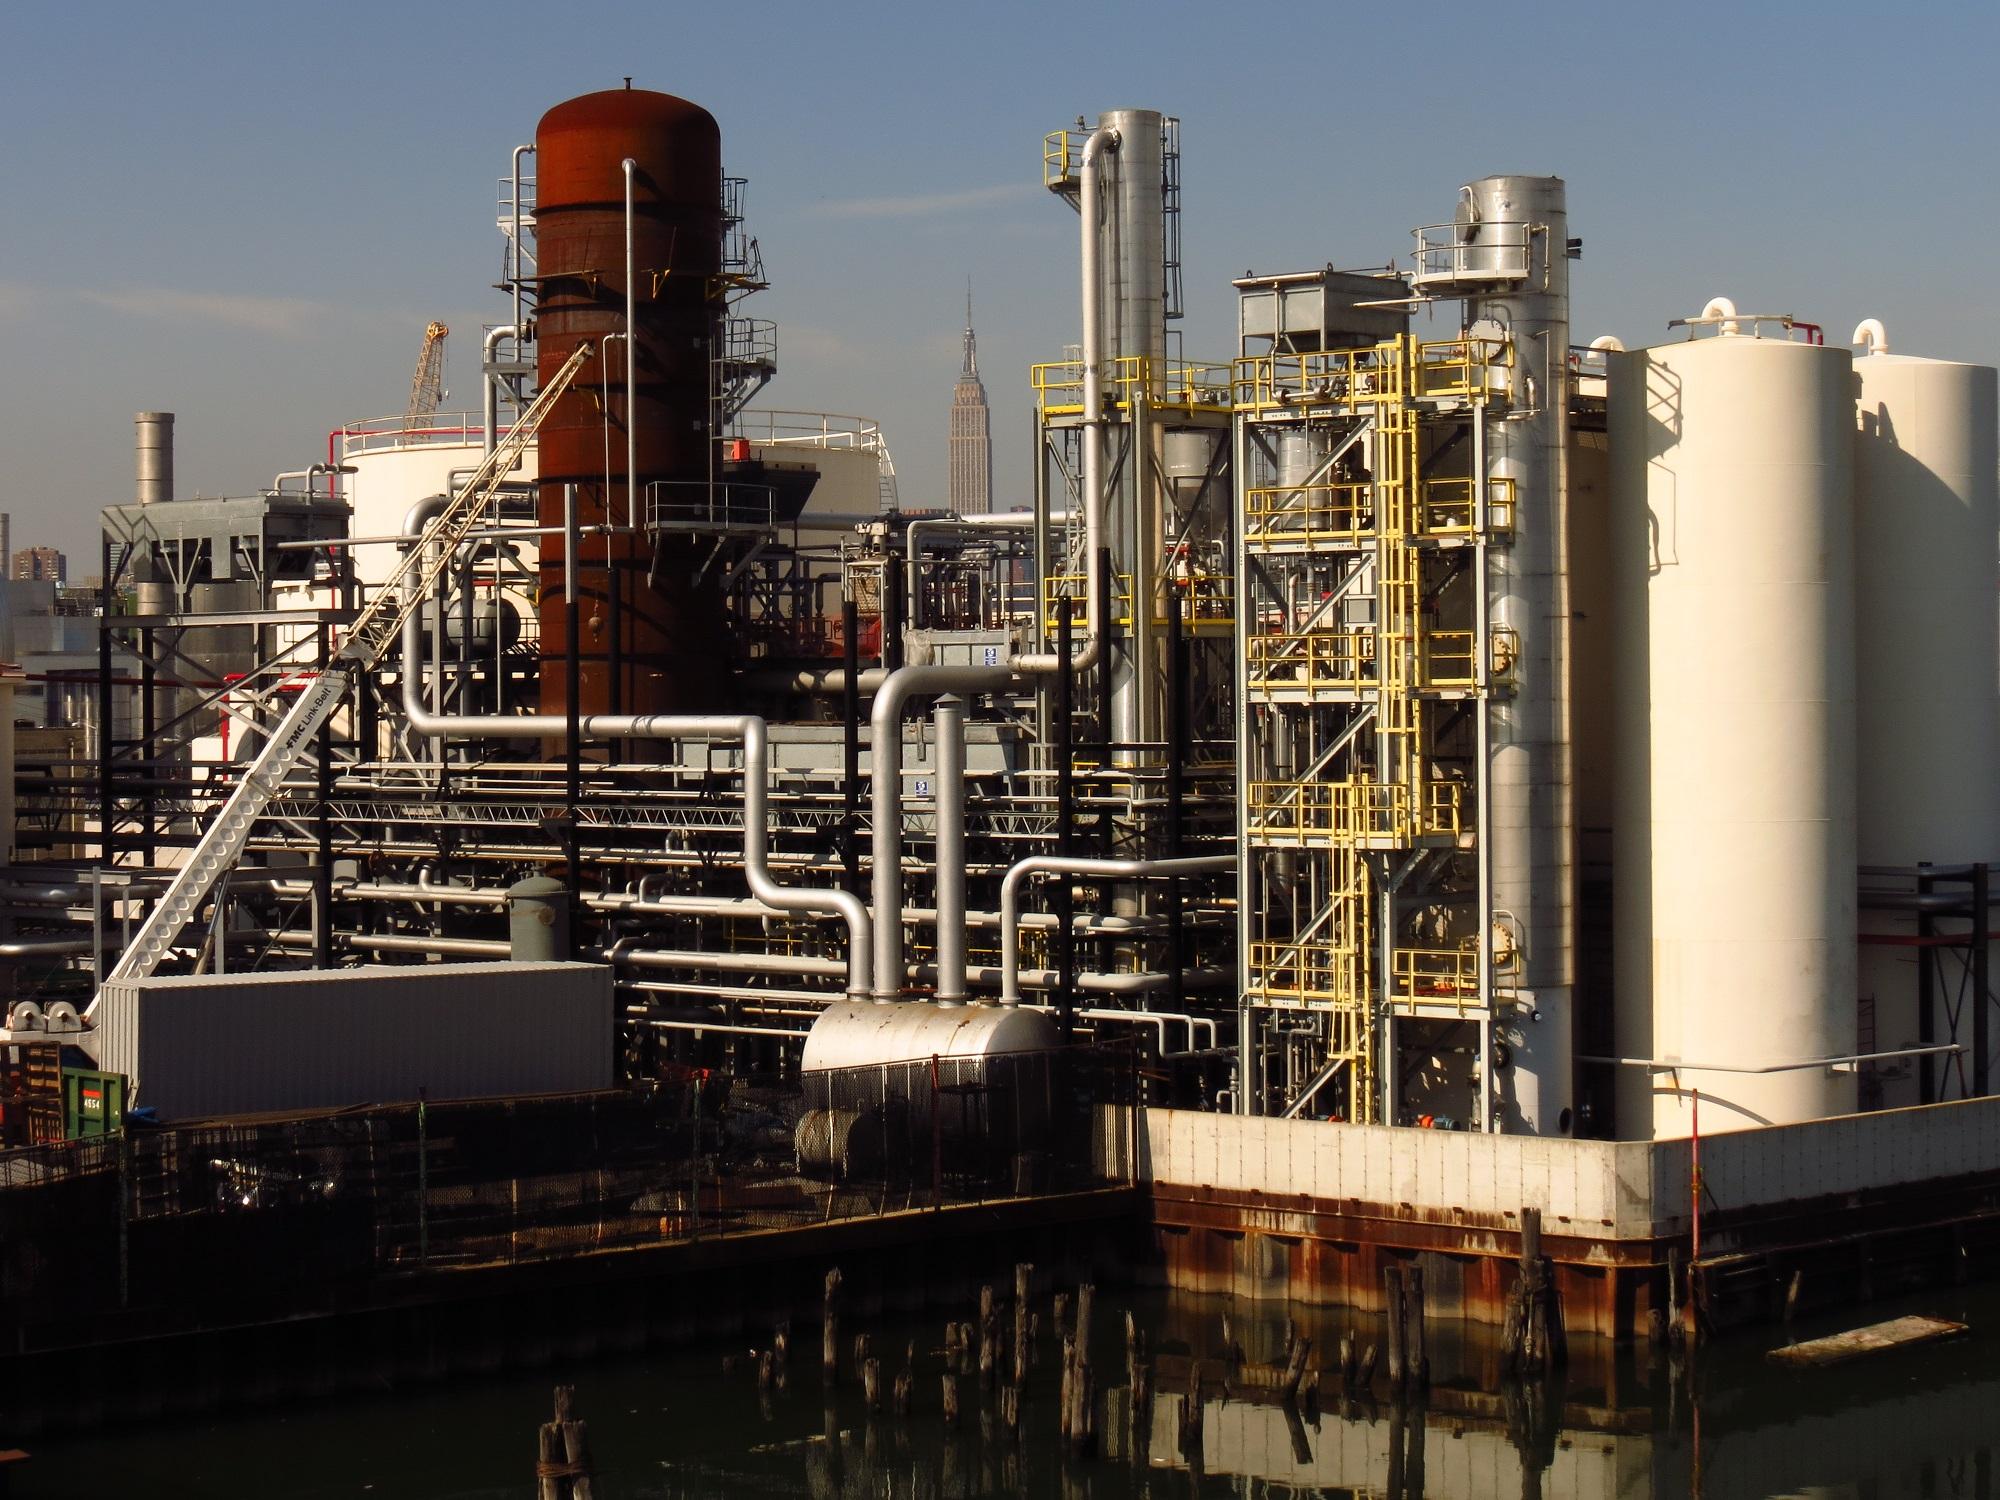 Newtown Creek Oil Refinery - 10-20-12